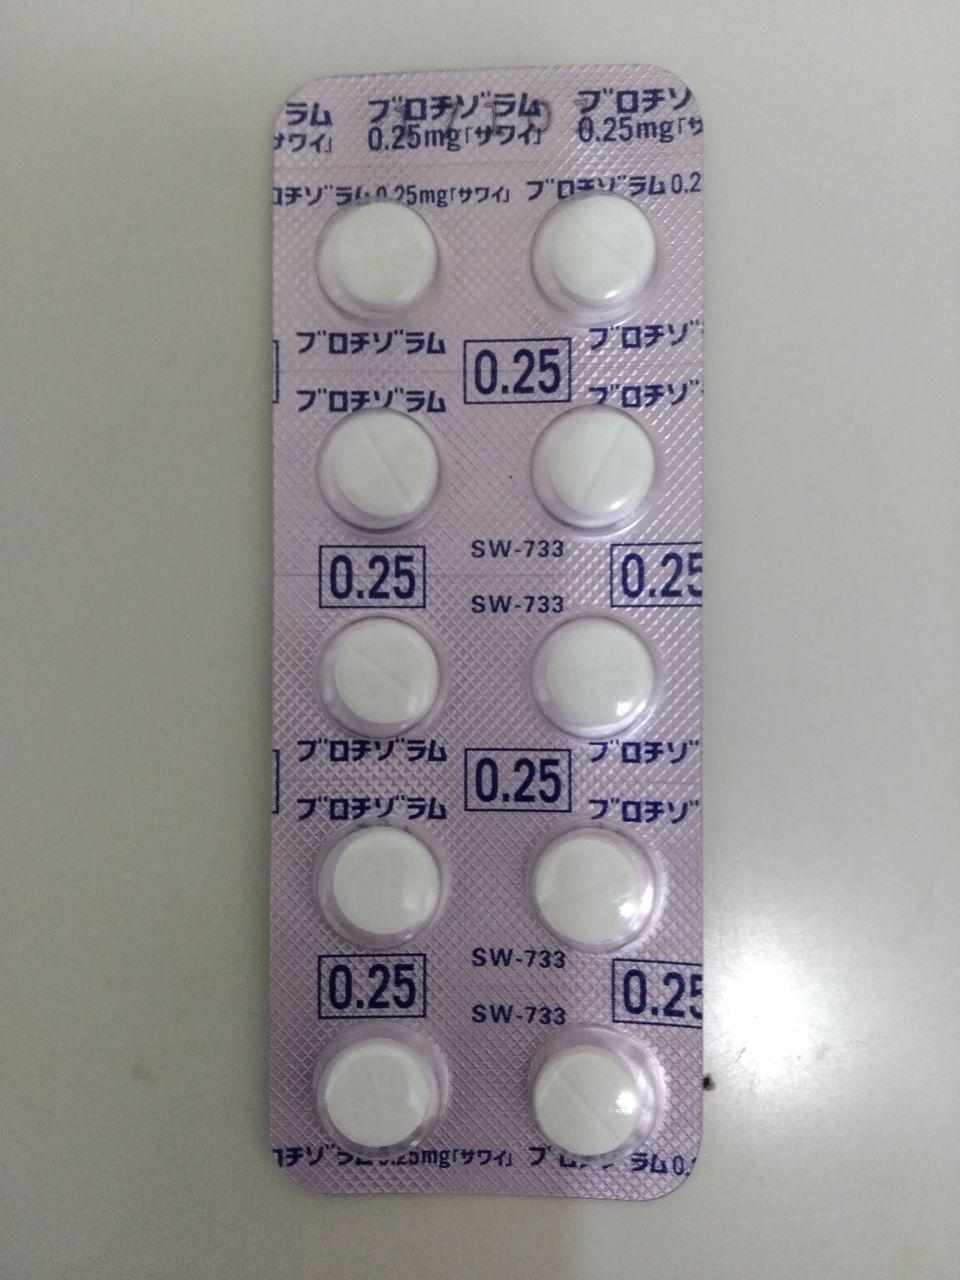 エチゾラム